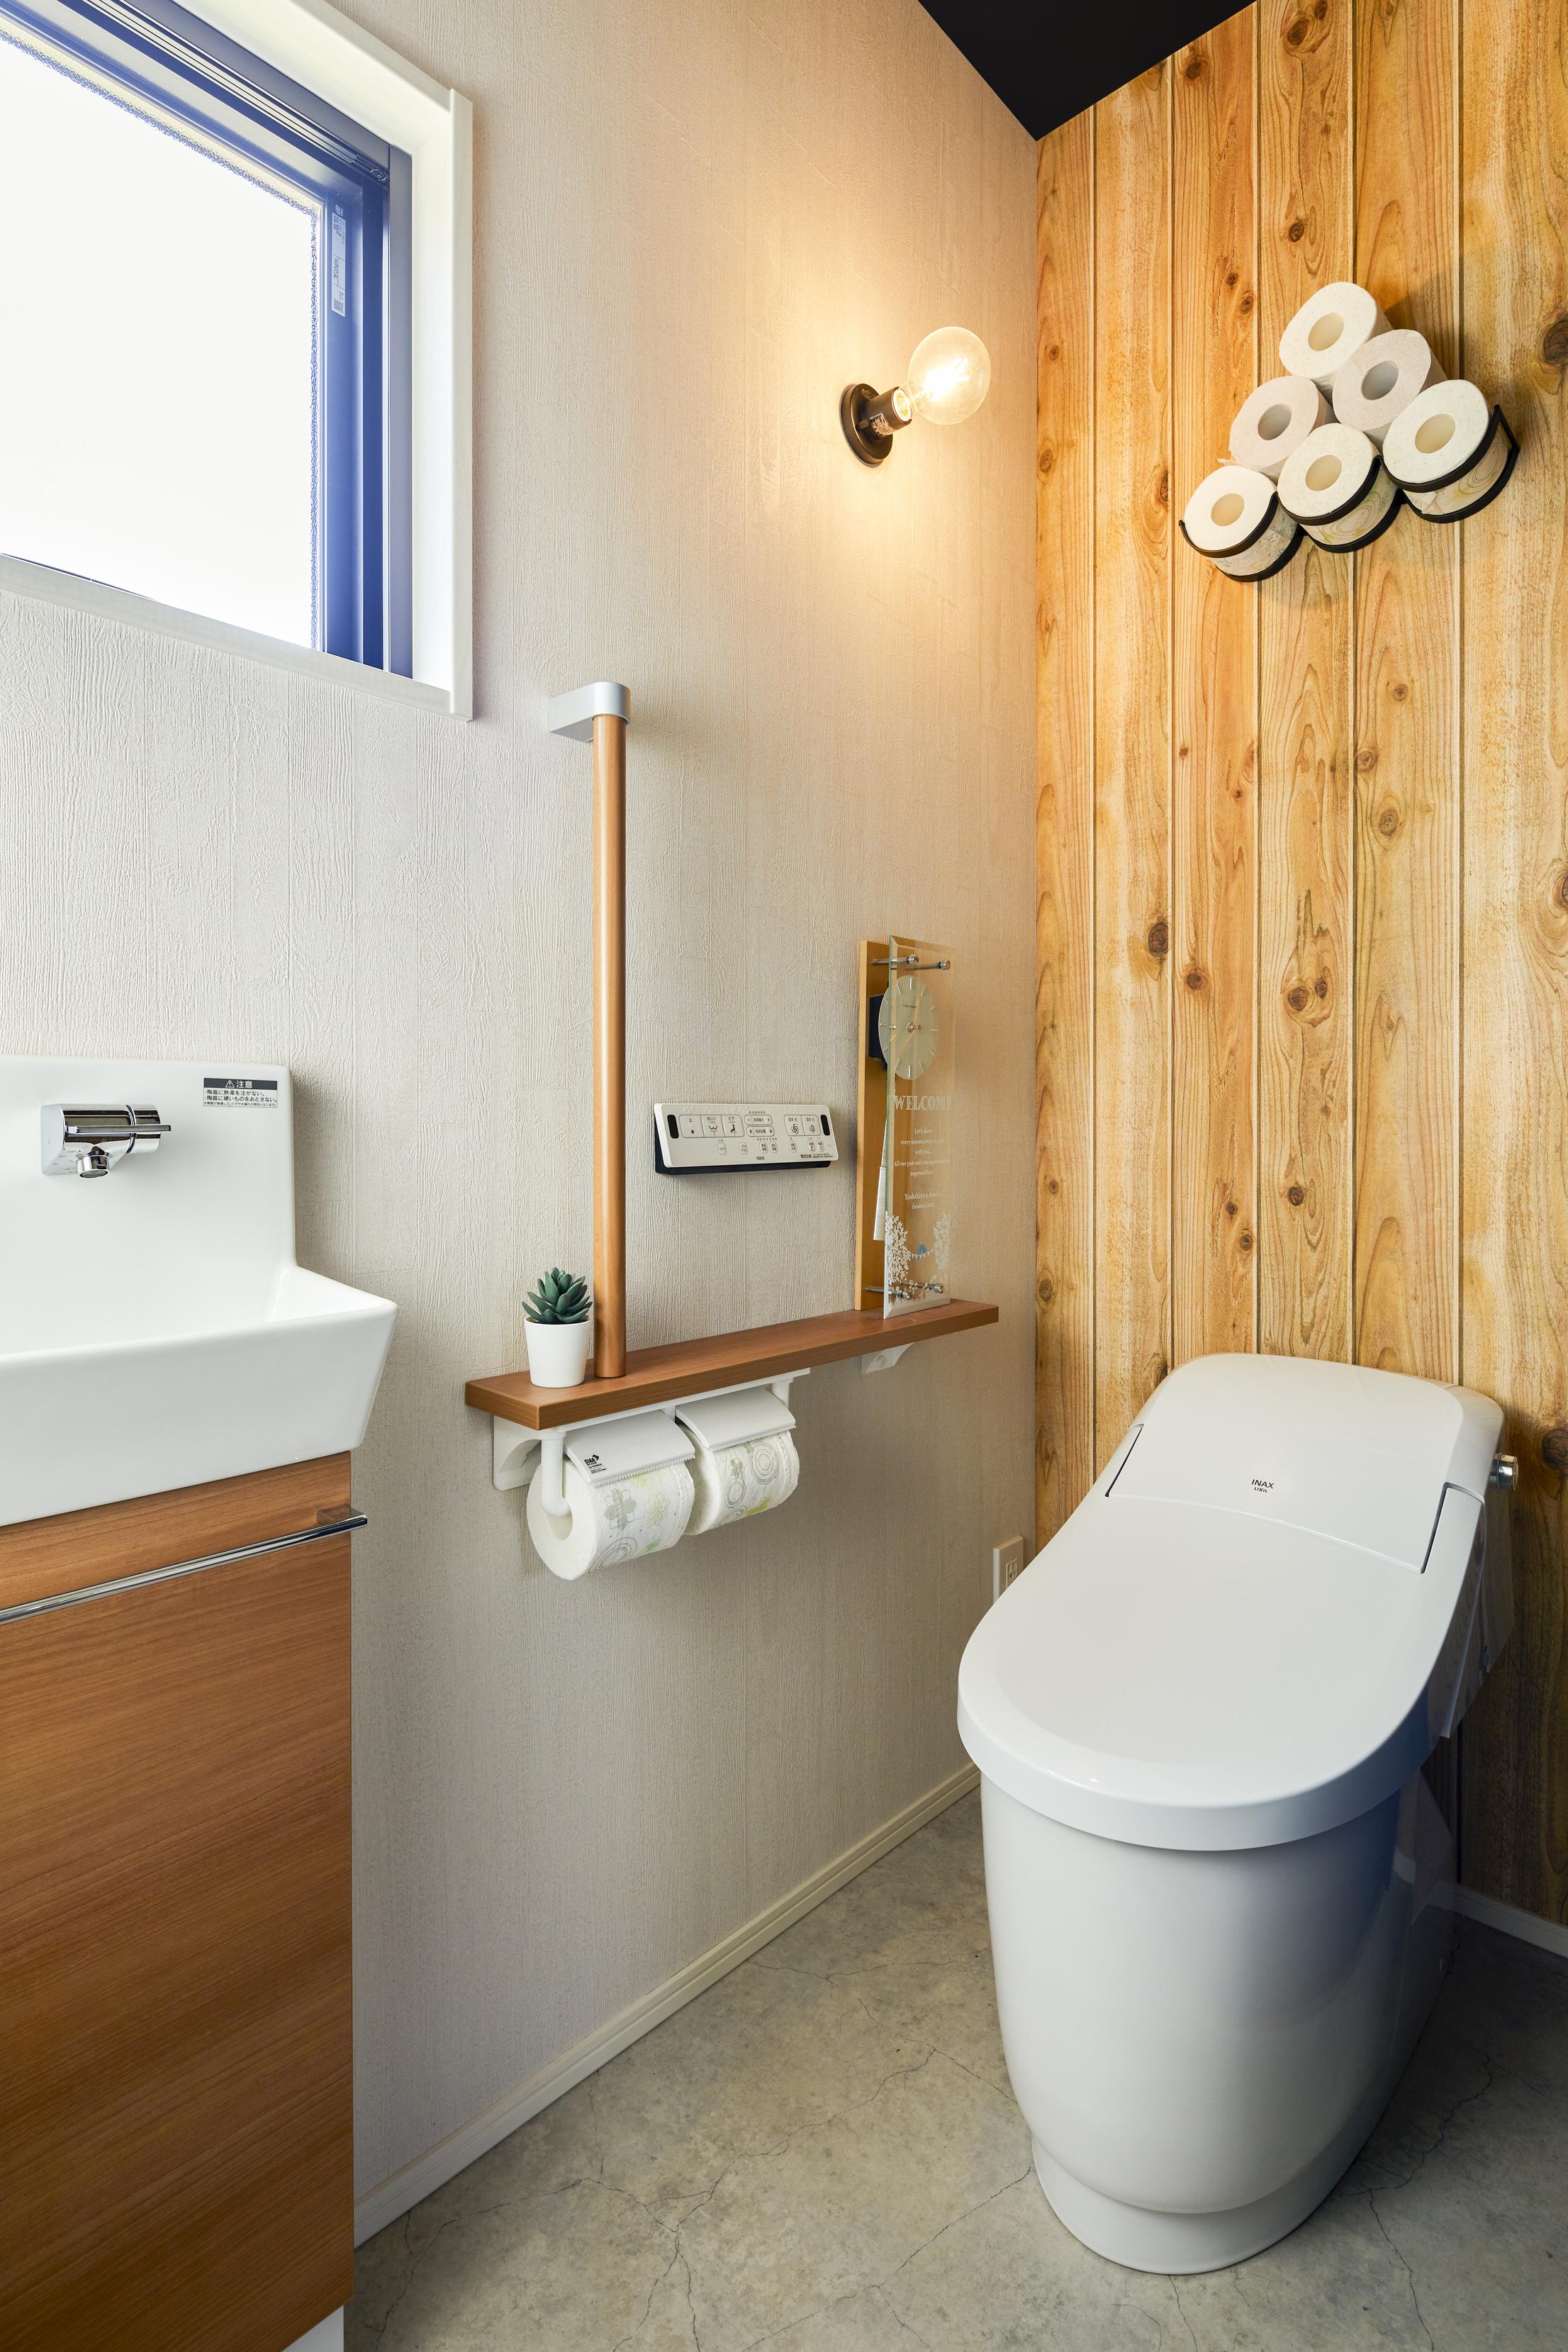 トイレの壁にも木材を使用し、温もりを感じられるスペースに